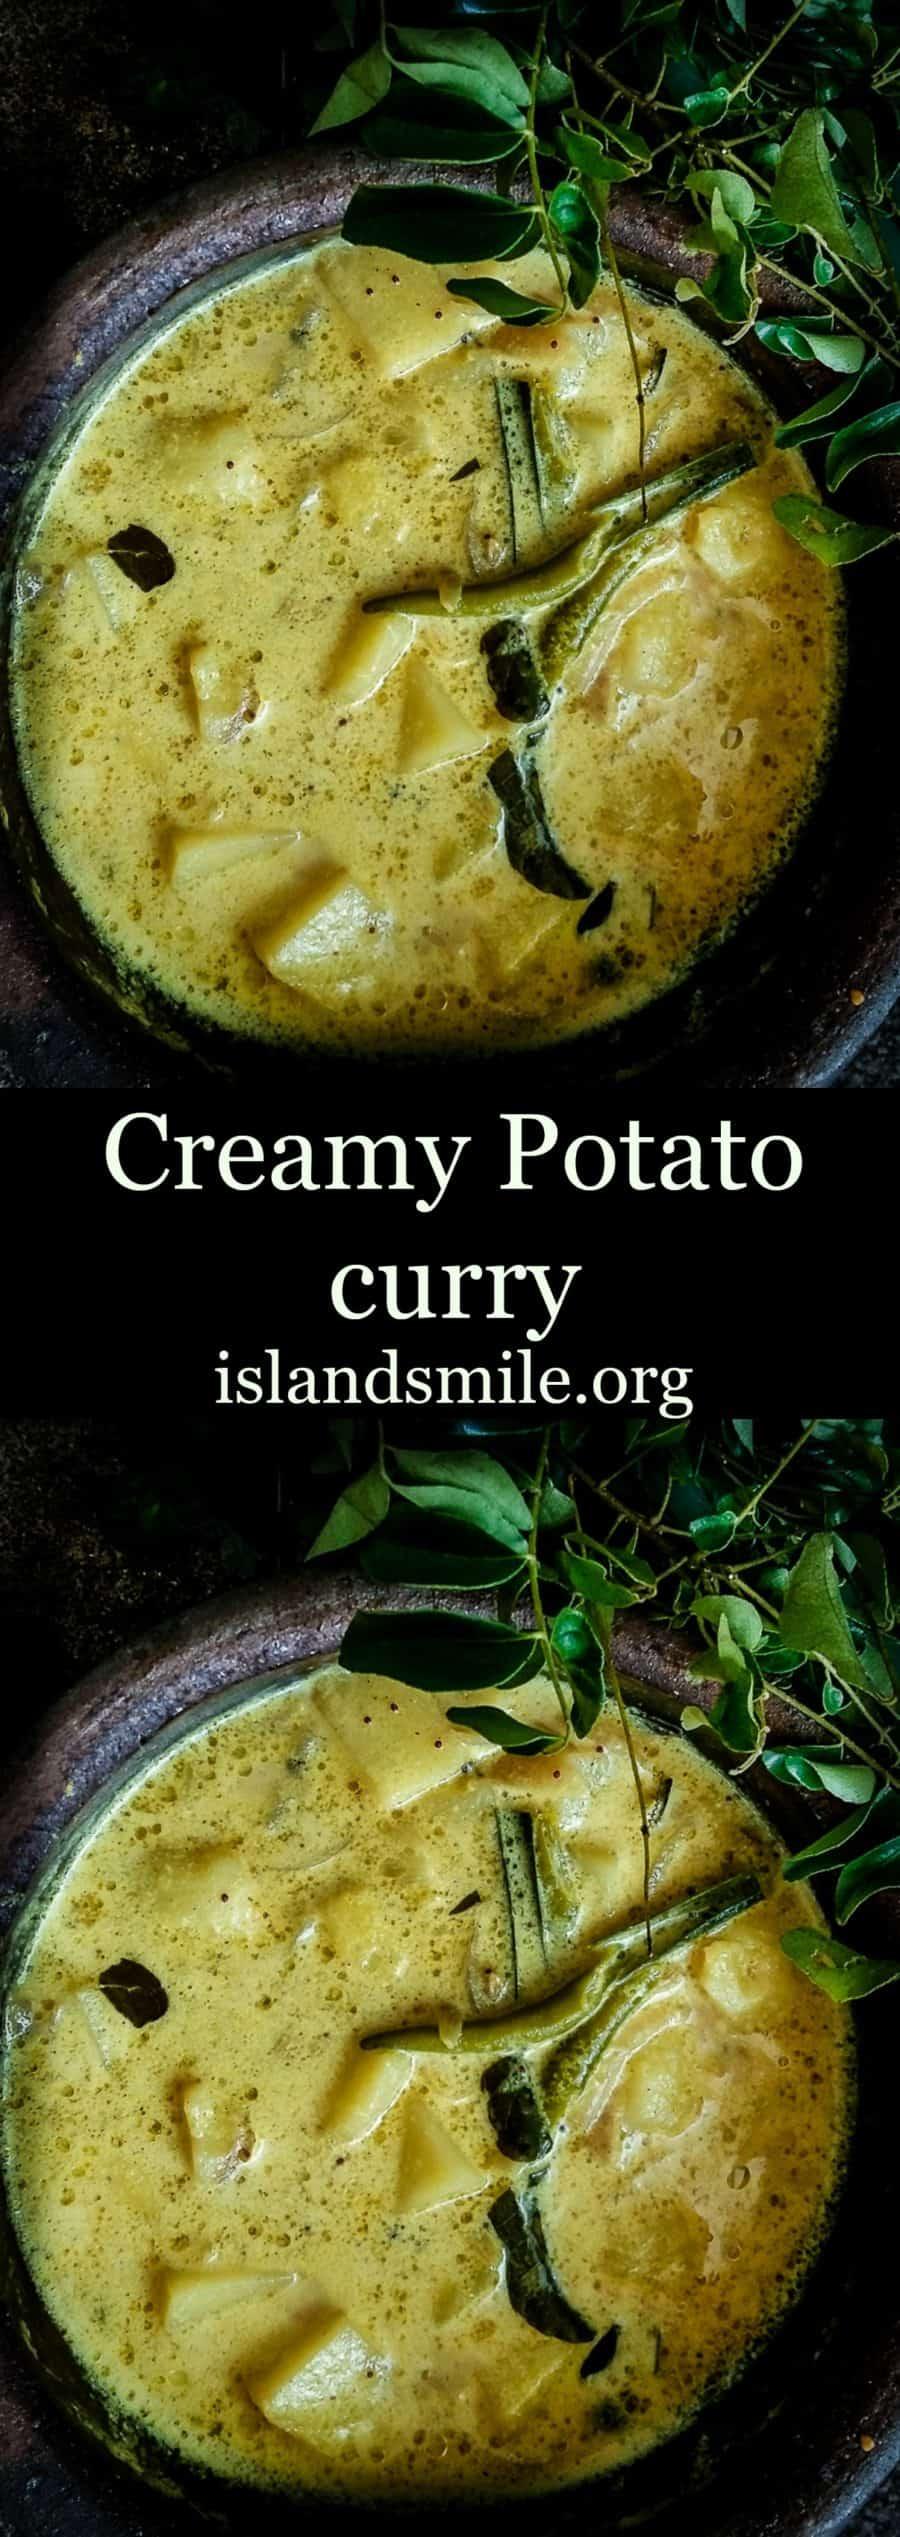 creamy potato curry image